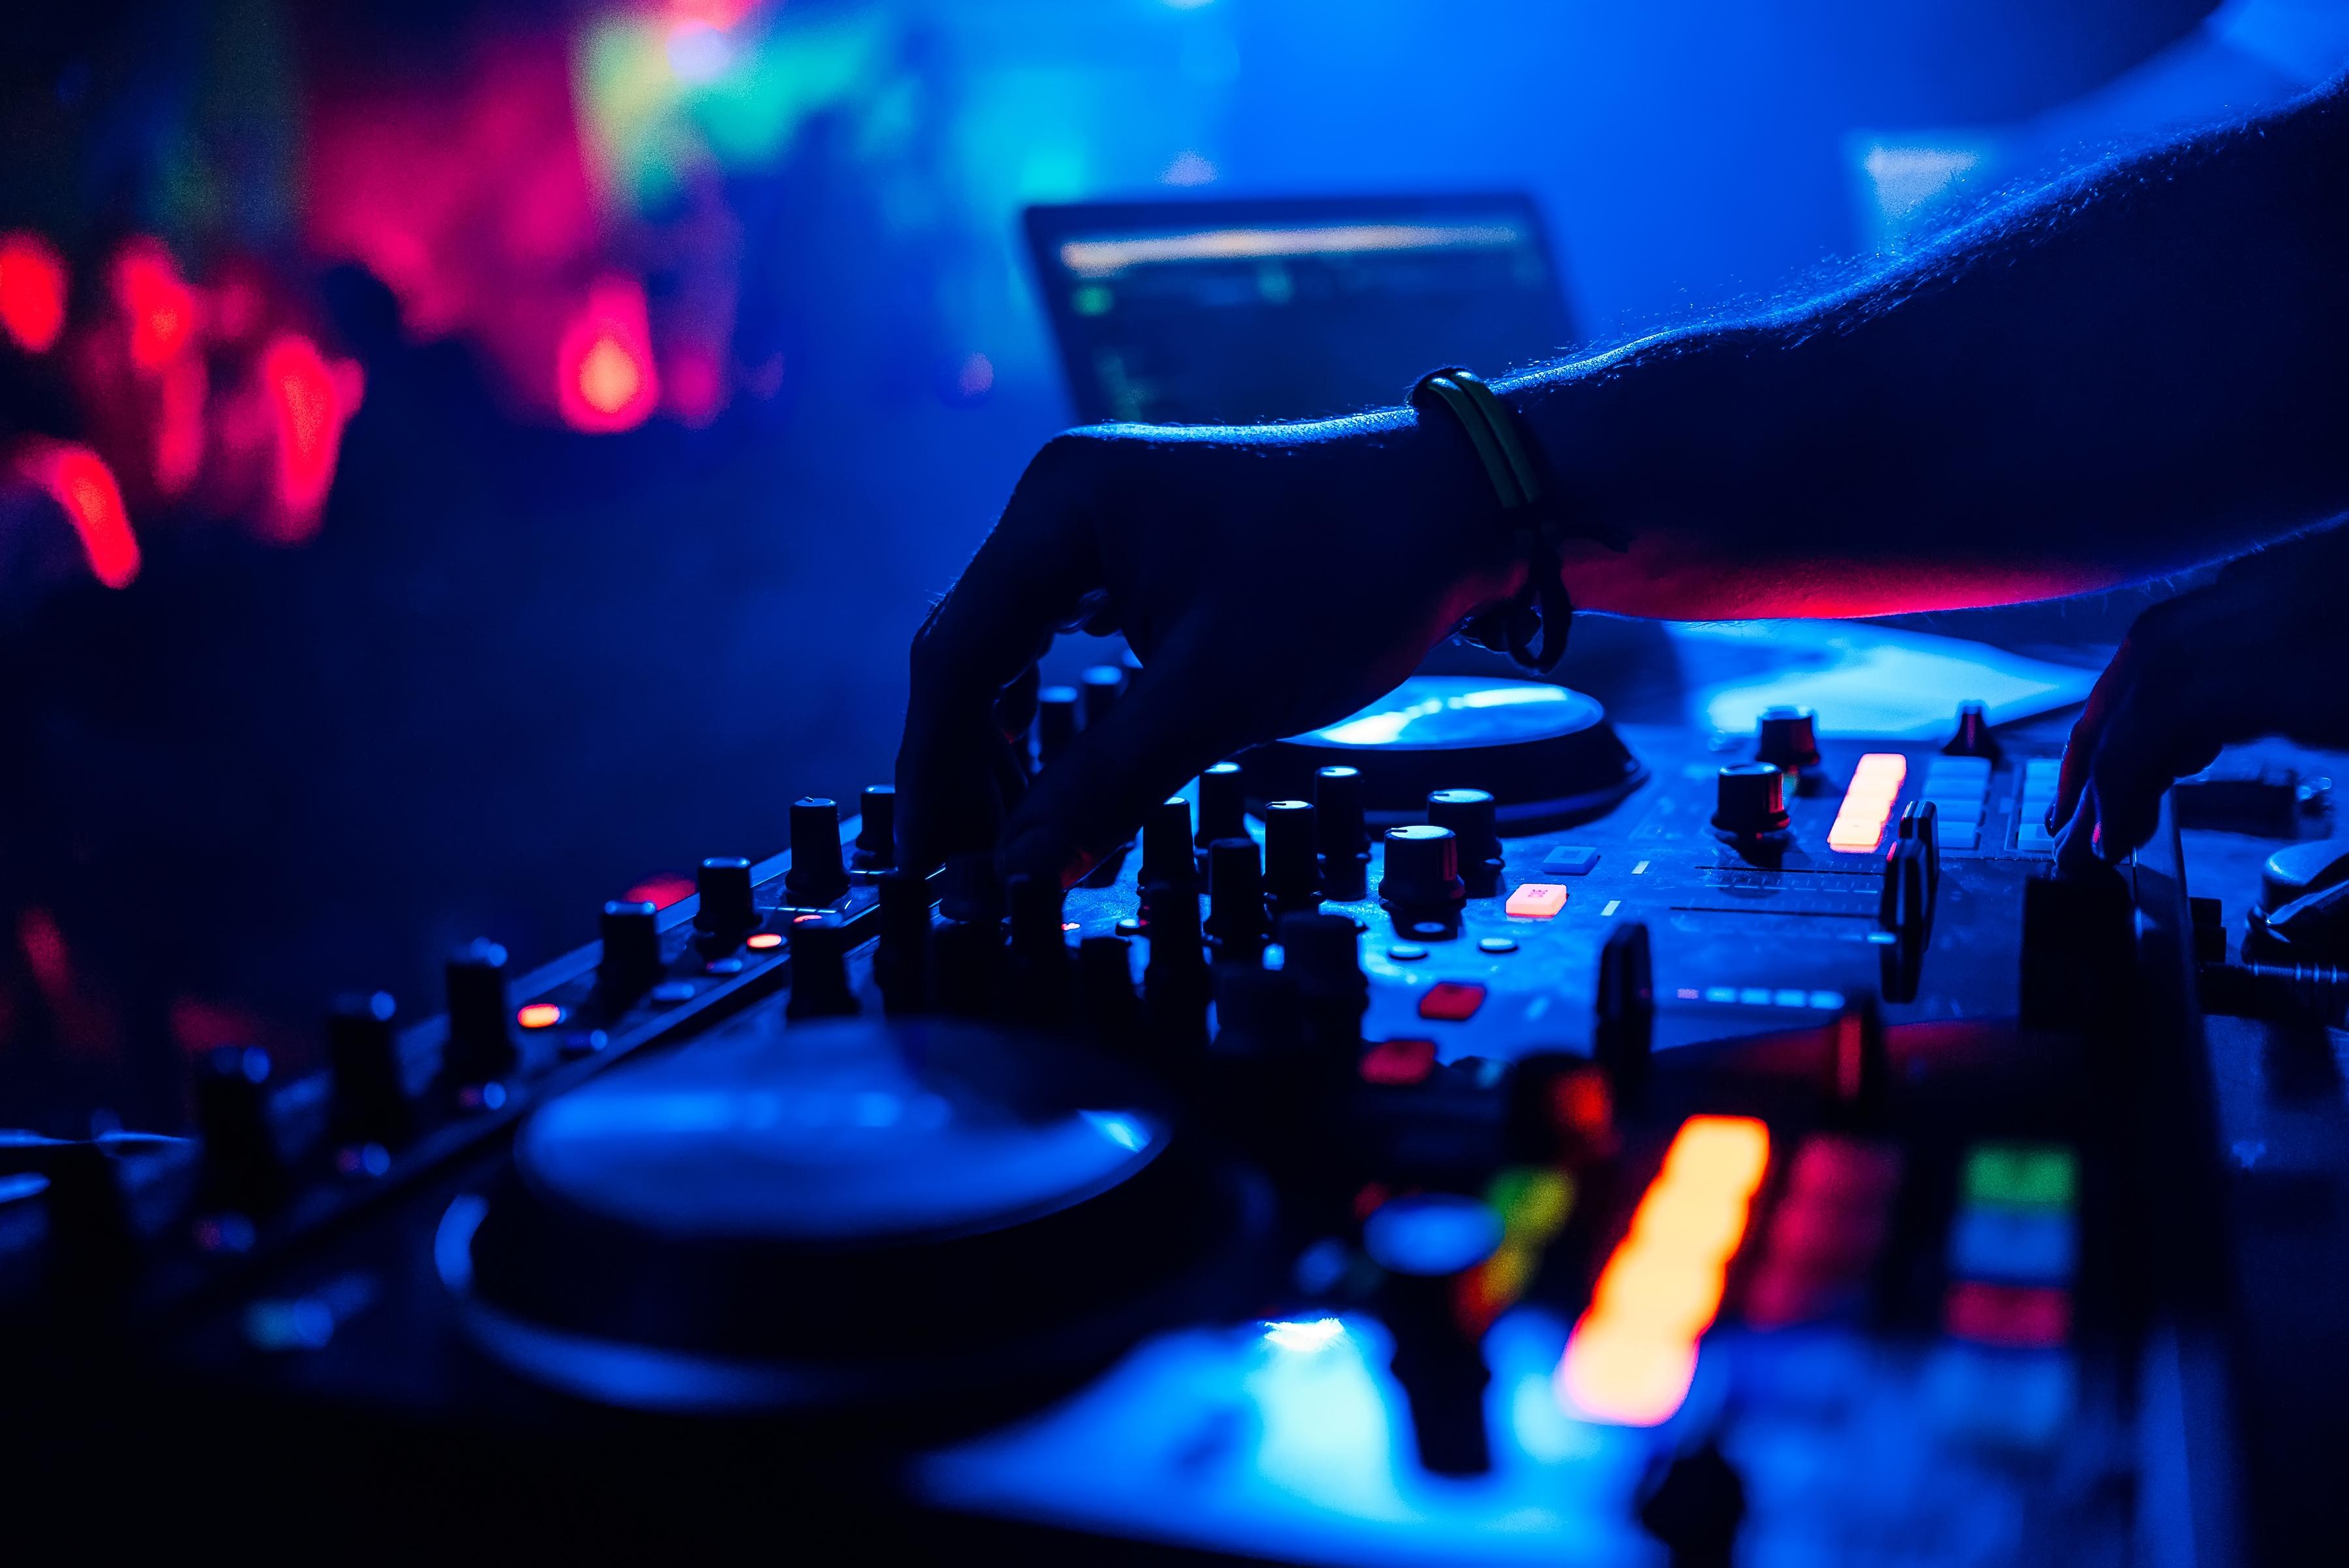 La música y su importancia para crear experiencias sensoriales en un evento